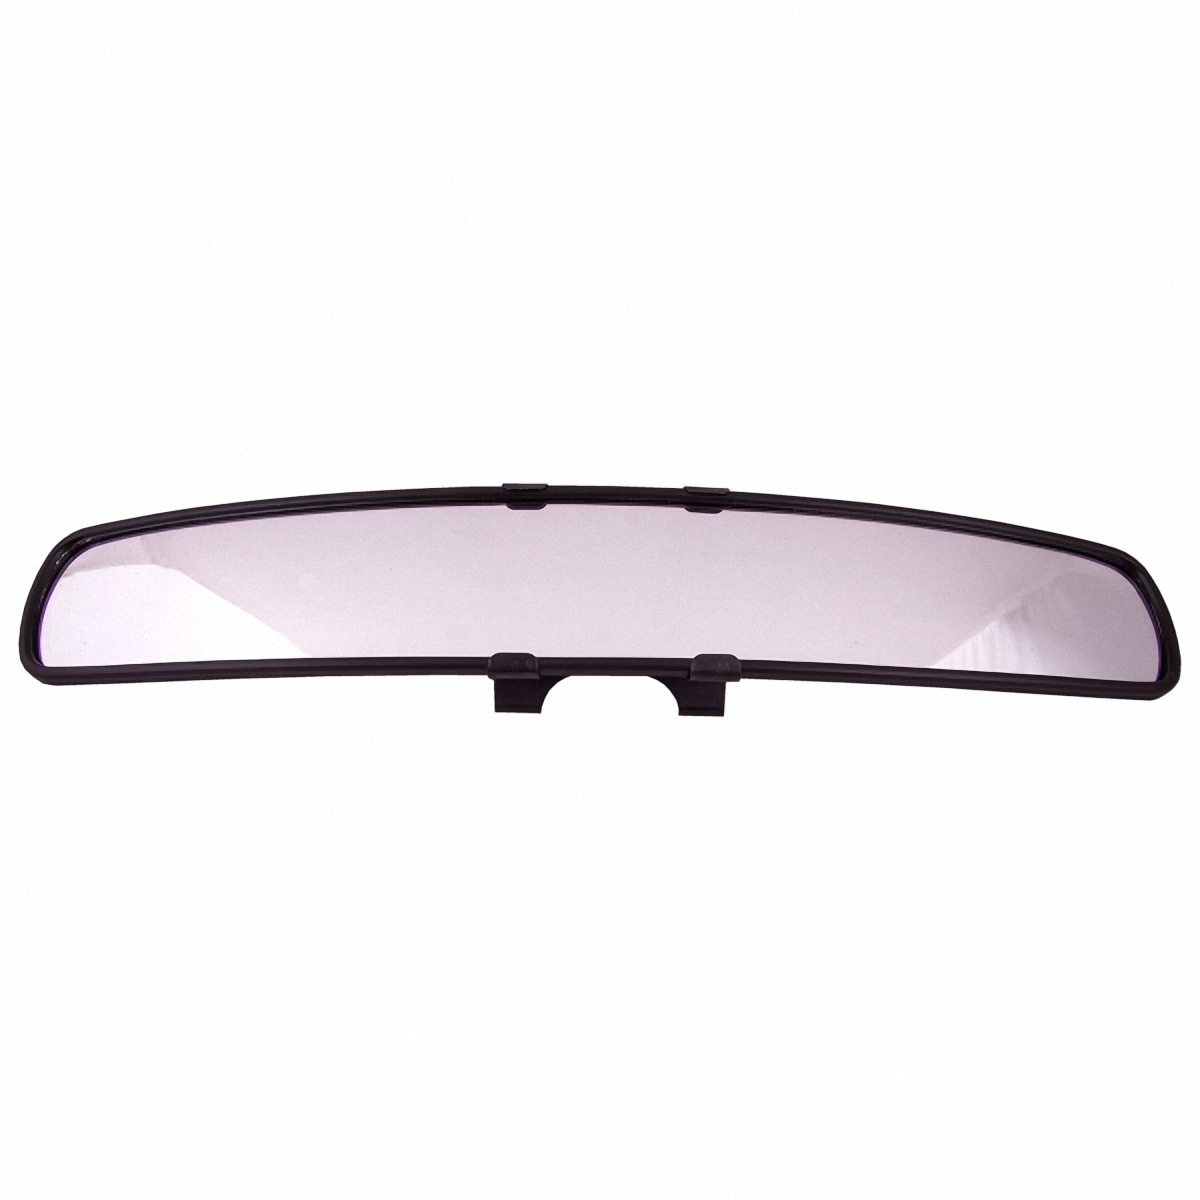 Зеркало внутрисалонное Skyway, панорамное. S01001004S02301024Зеркало внутрисалонное, панорамное, 17 (430мм), изготовлено из ABS-пластика и высококлассного хромированного стекла. Позволяет водителю видеть предметы, находящиеся за автомобилем, значительно расширяя обзор и снижая риск аварийноопасных ситуаций.Особенности: Конструкция внутрисалонного панорамного зеркала спроектирована таким образом, чтобы оно расширяло зону заднего обзора, захватывая слепые зоны.Высококлассное хромированное стекло снизит риск ослепления и избавит от раздвоенных изображений. Лёгкий вес и тонкая конструкция. Зеркало заднего вида Skyway просто в установке и подходит для всех моделей автомобилей.